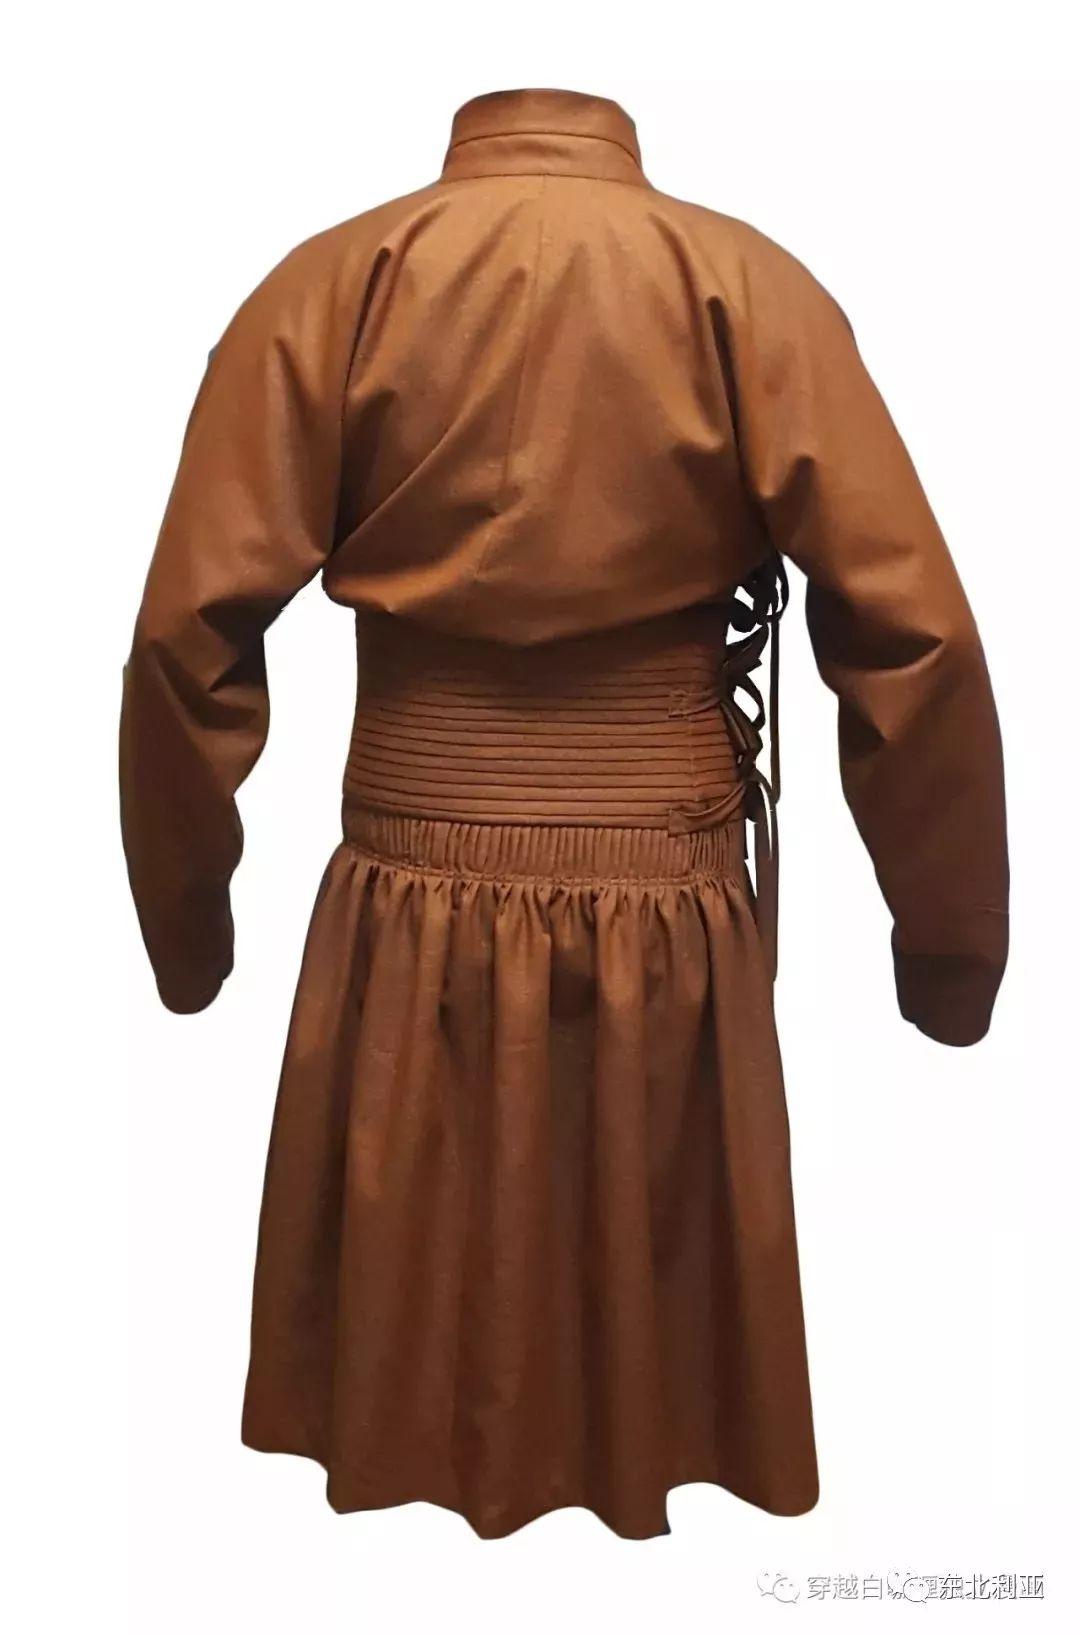 图集丨元代蒙古袍、画作及其复原品 第25张